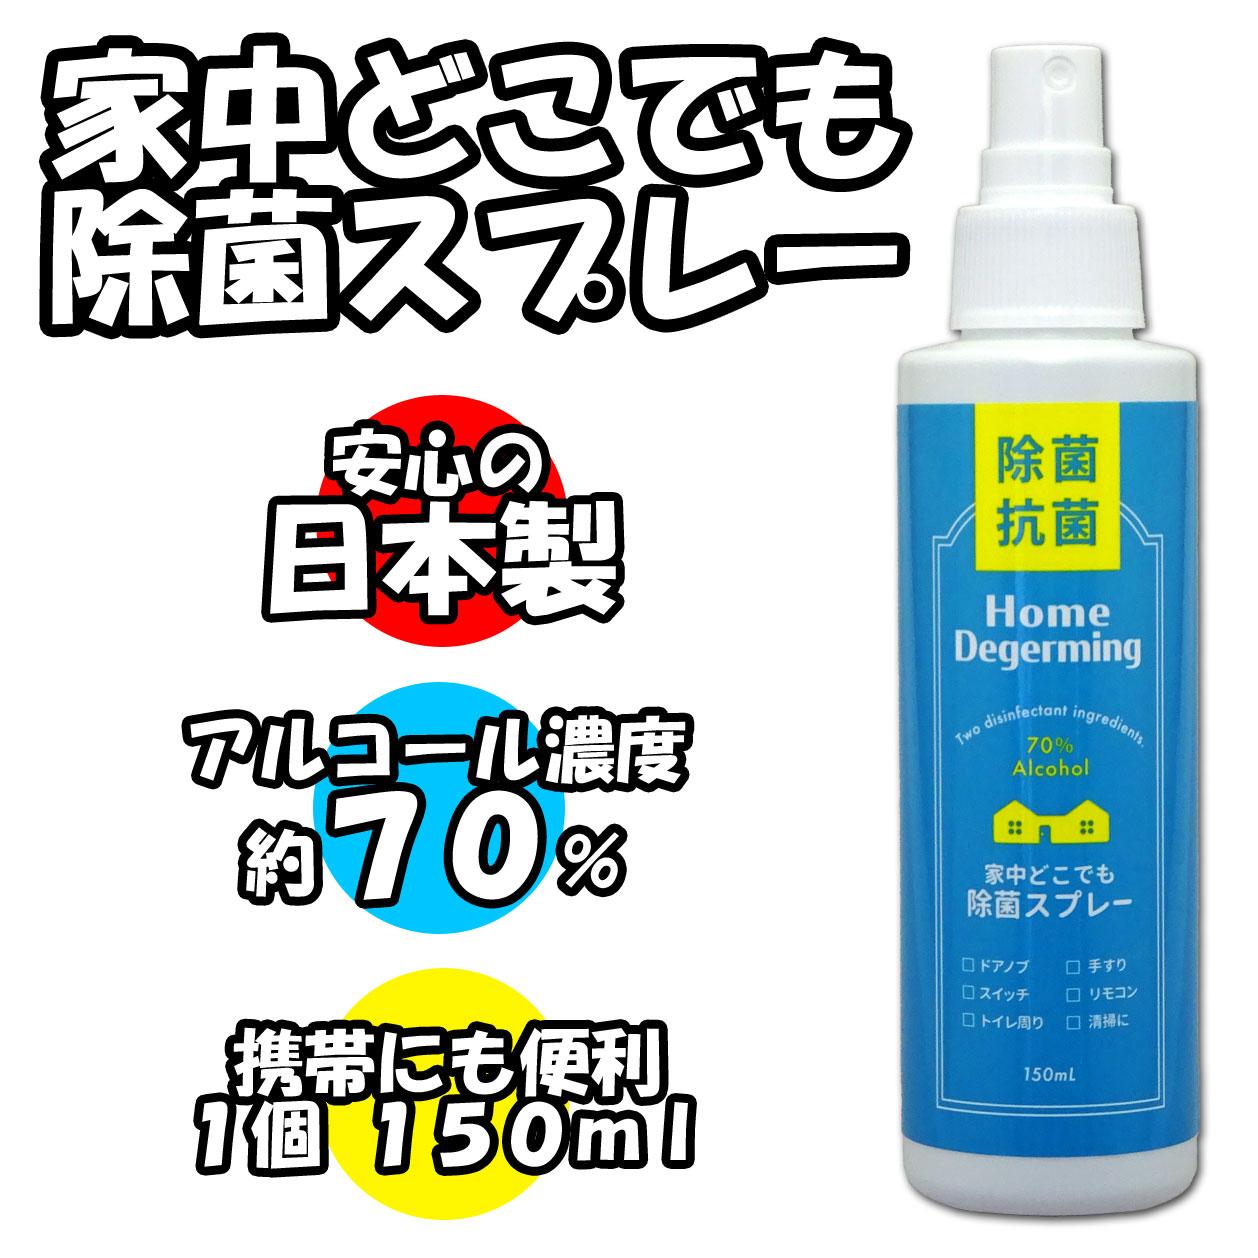 家中どこでも除菌スプレー アルコール約70% 日本製 150ml